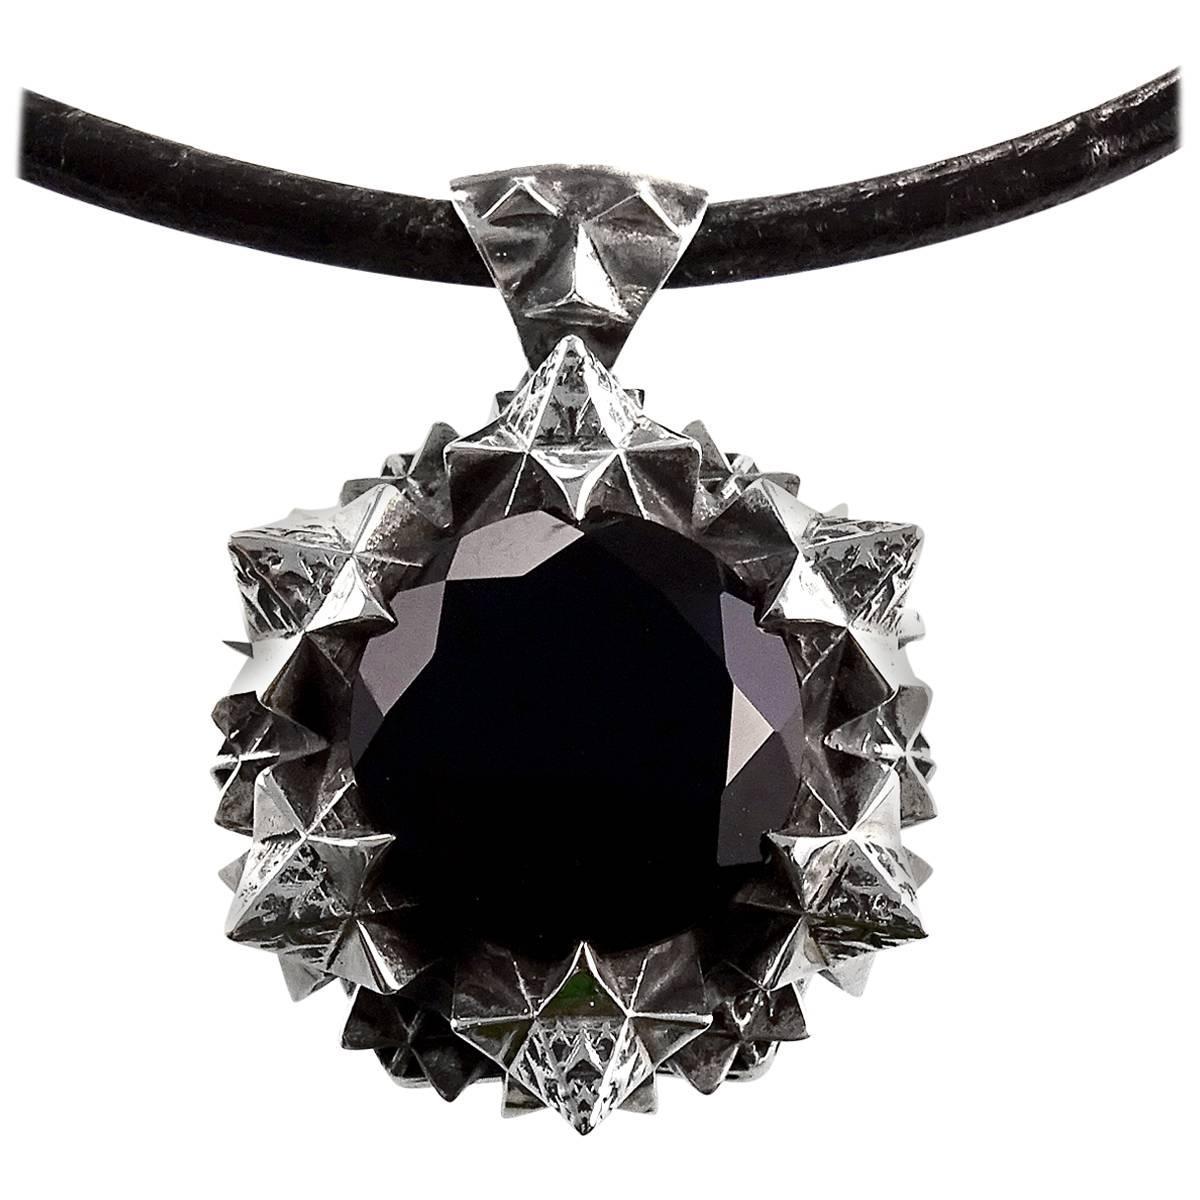 Thoscene Onyx Pendant Necklace